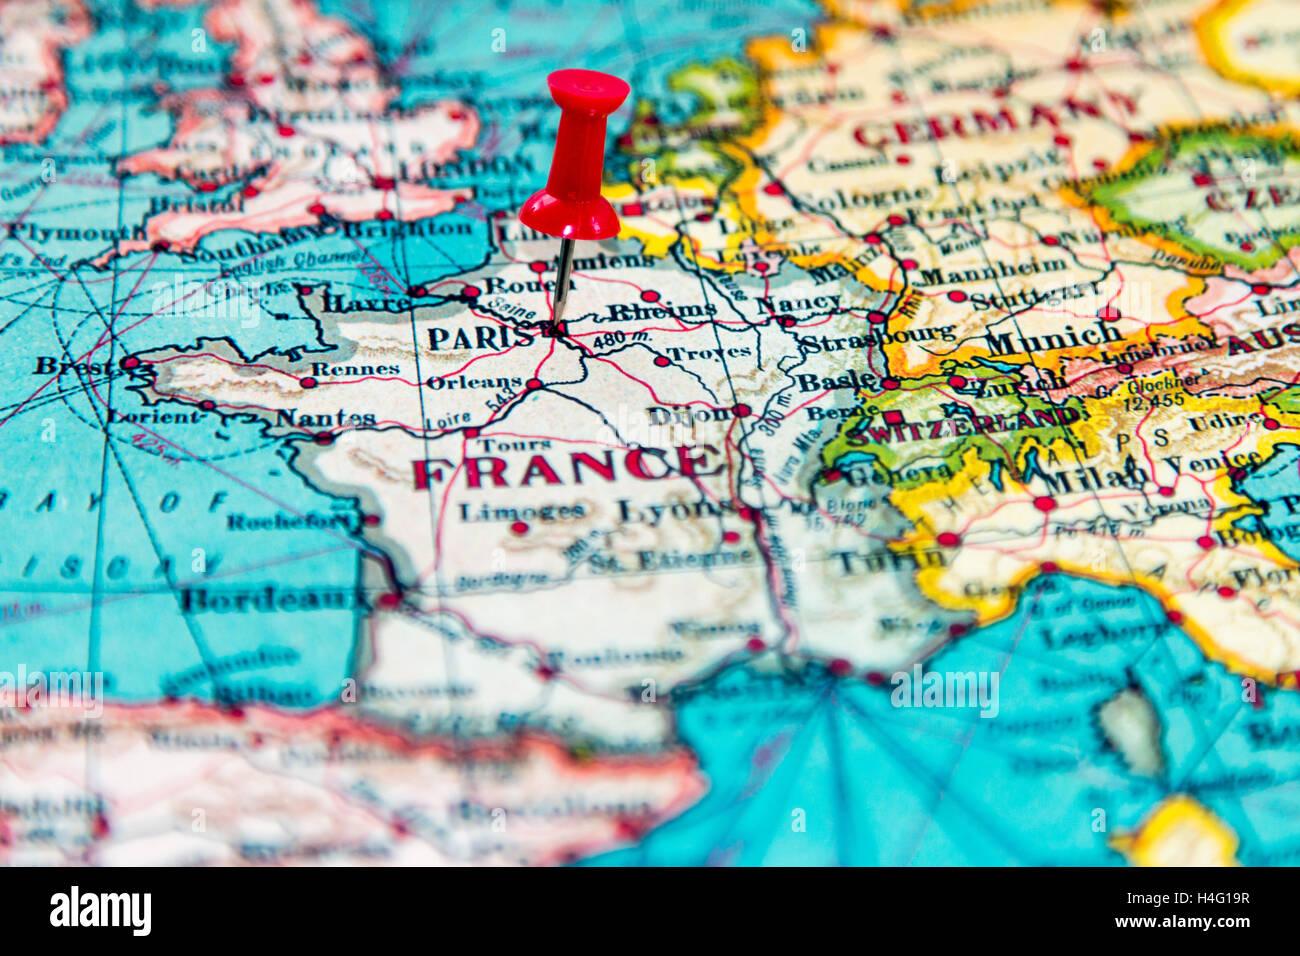 Paris Map Stock Photos & Paris Map Stock Images - Alamy